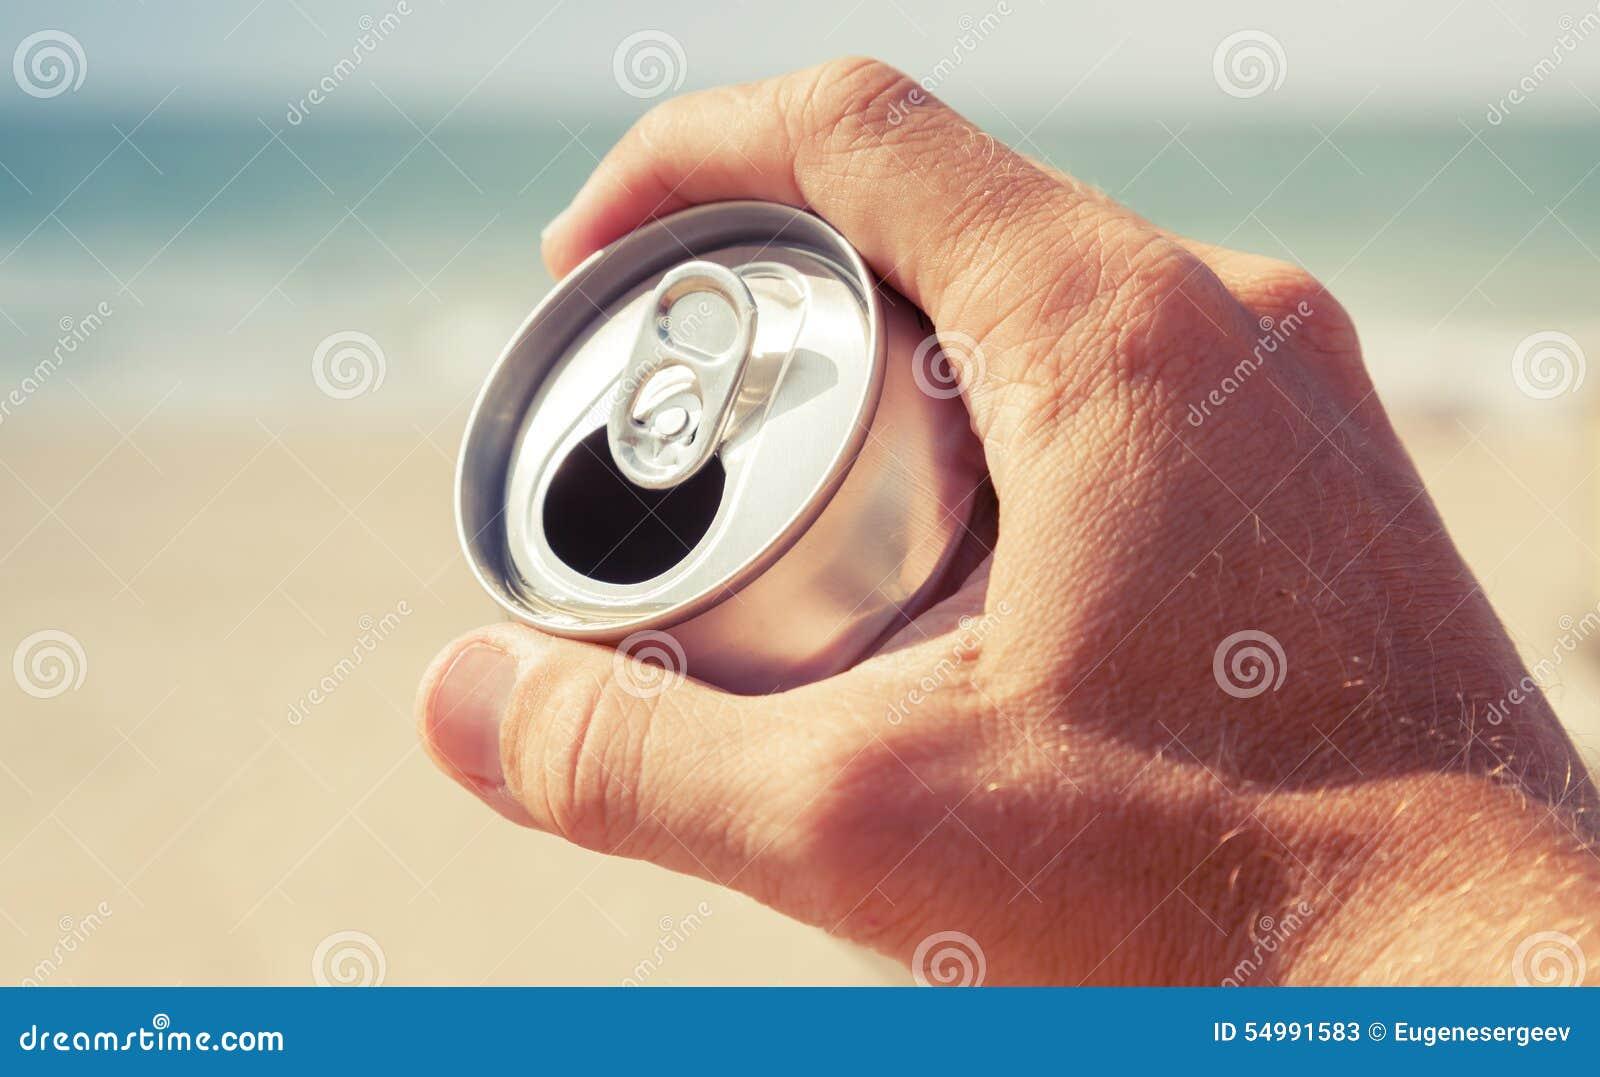 Aluminiumdose Bier in der männlichen Hand, Retro- getont